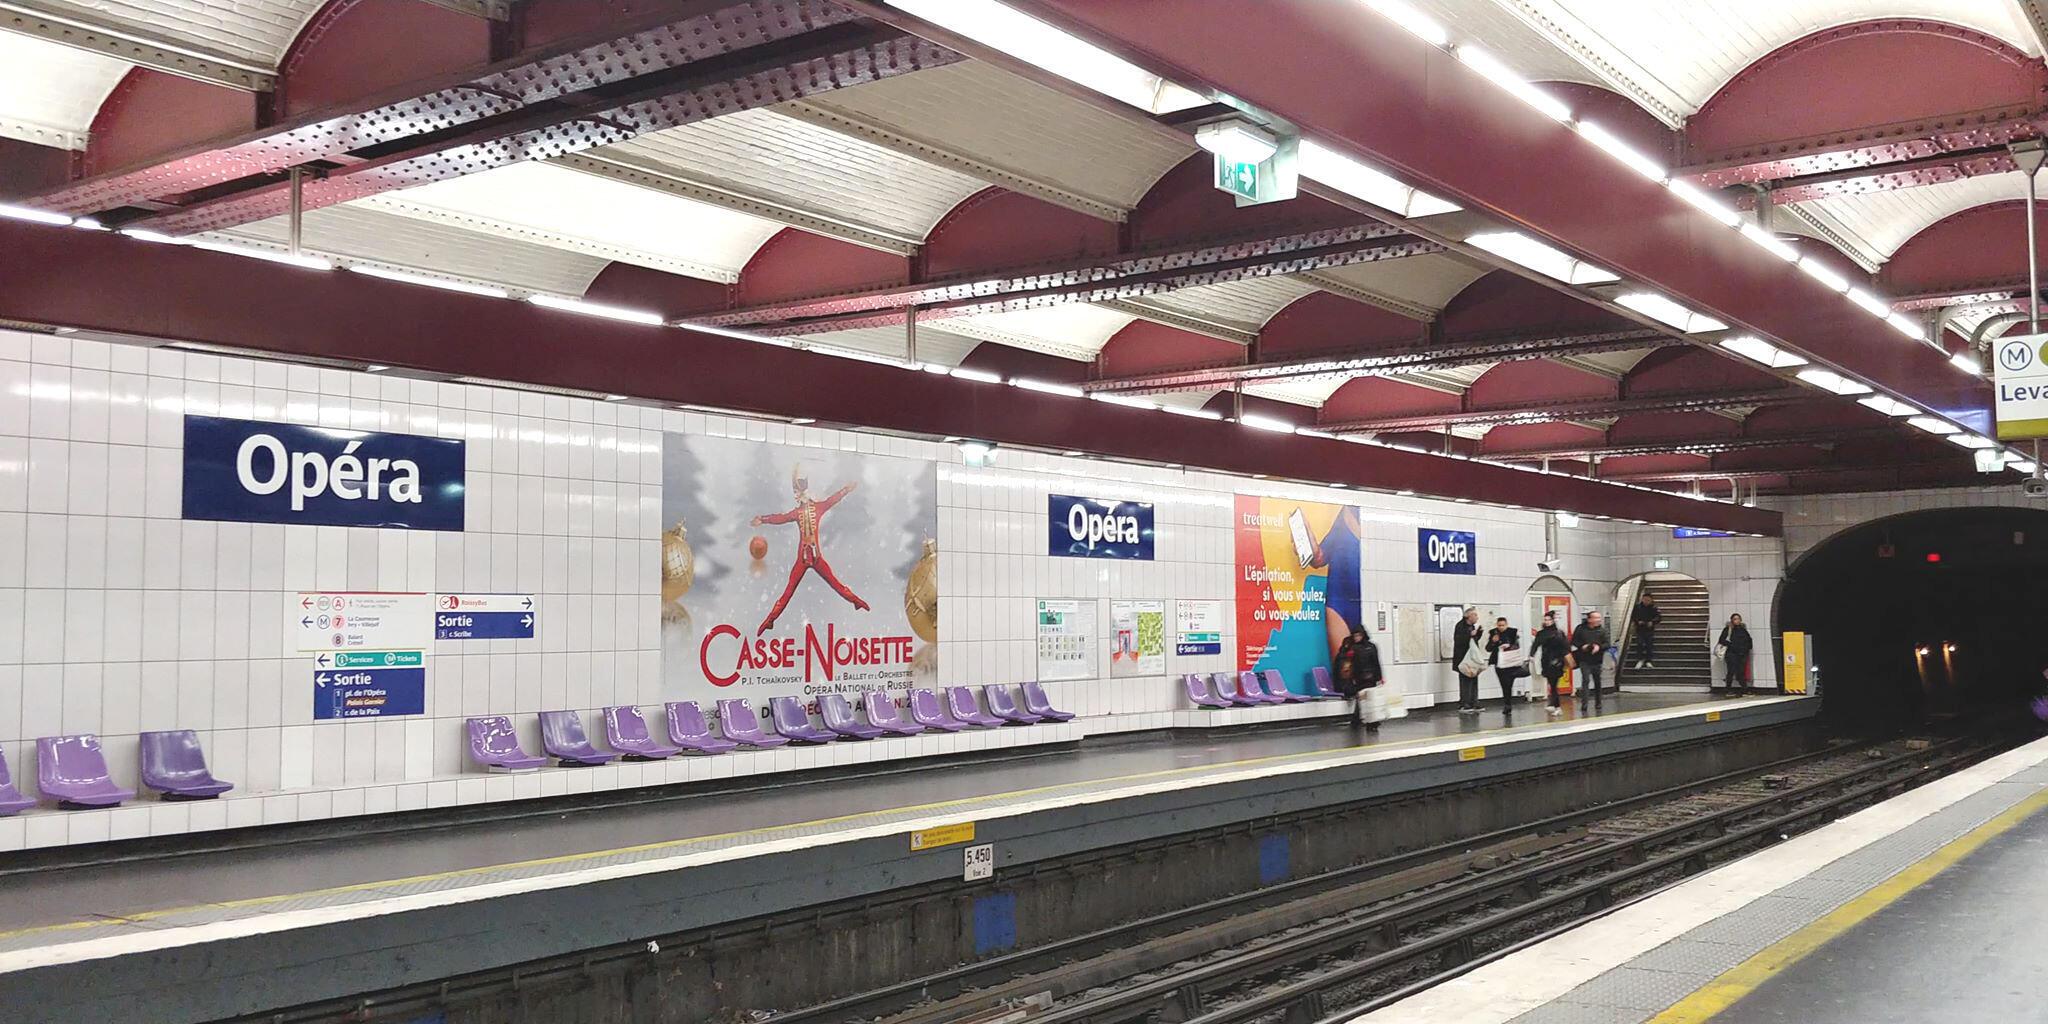 Các tuyến đường métro số 2, 6, 8, 9 đứng đầu bảng xếp hạng về các vụ móc túi trong métro